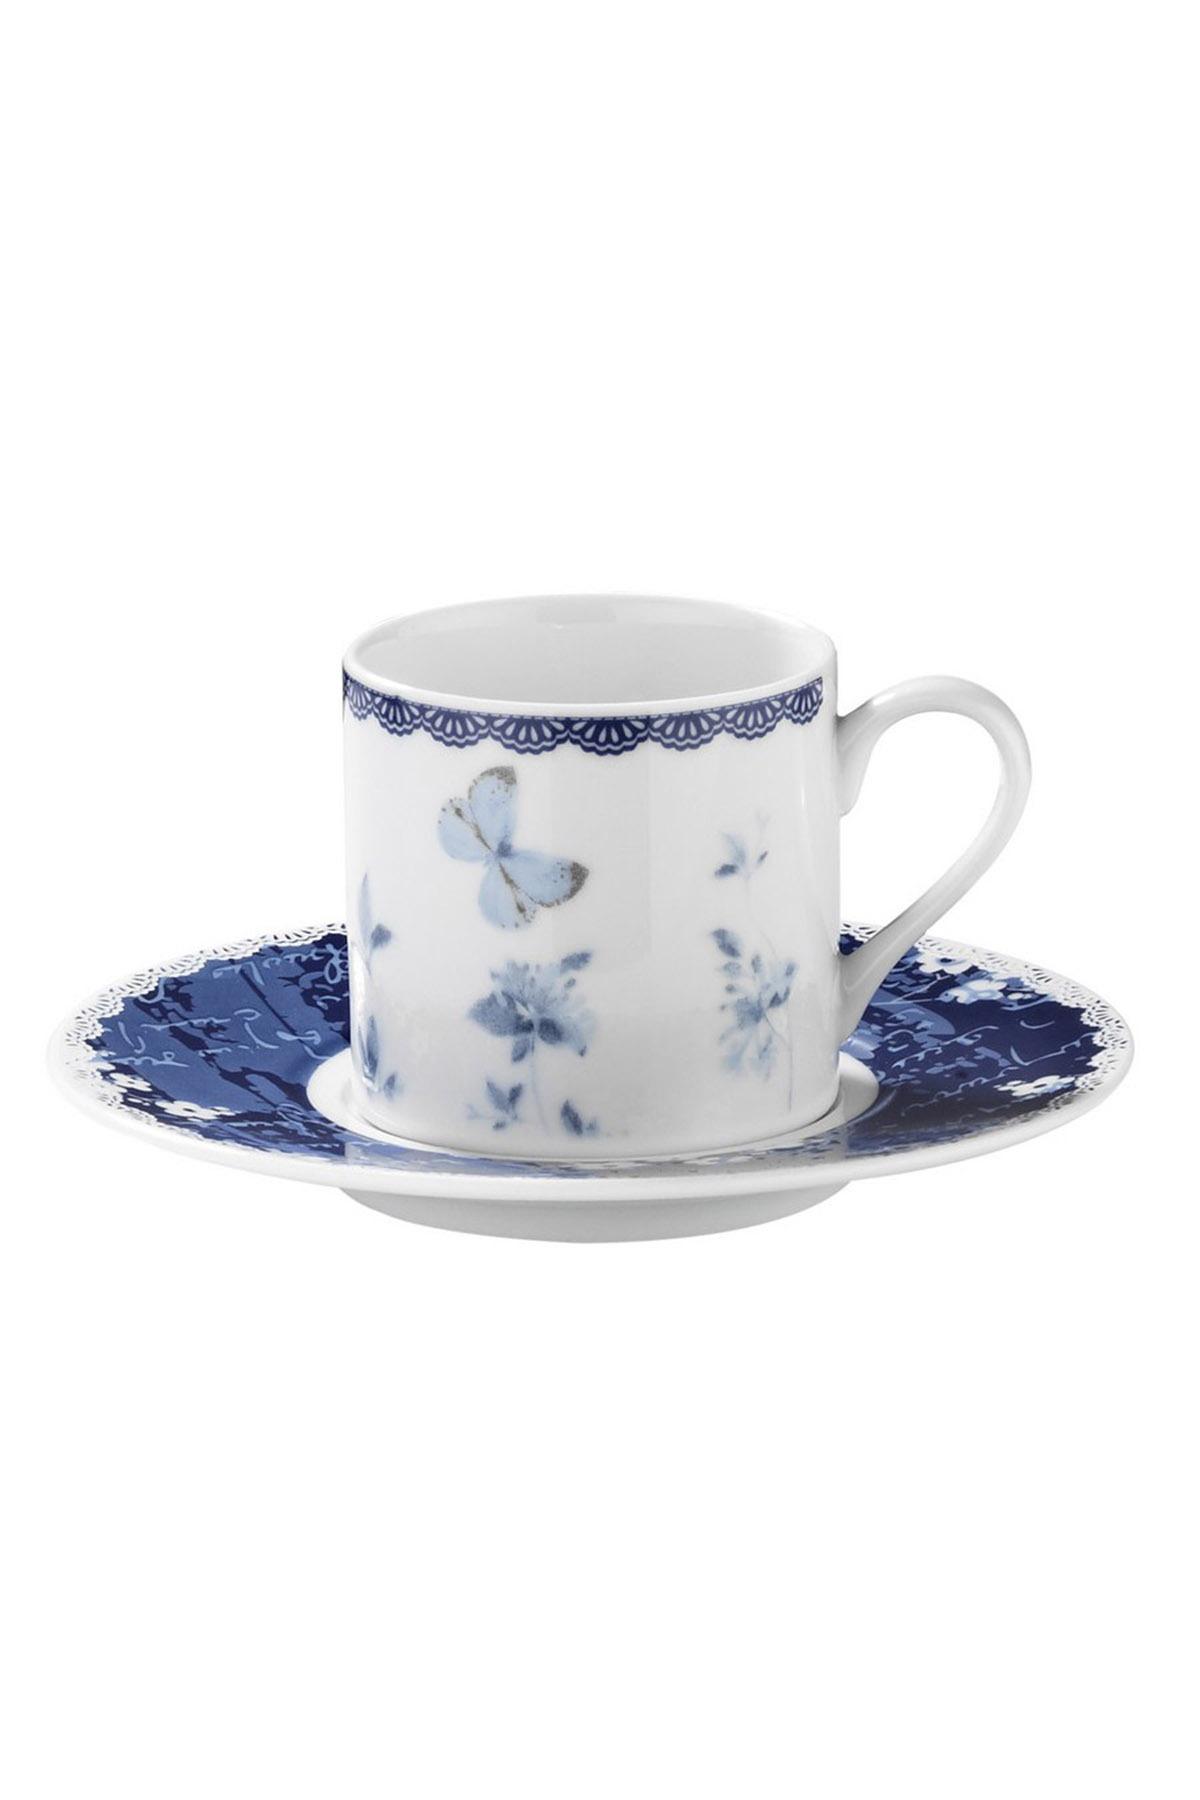 KÜTAHYA PORSELEN - Kütahya Porselen Rüya 9742 Desen Kahve Fincan Takımı